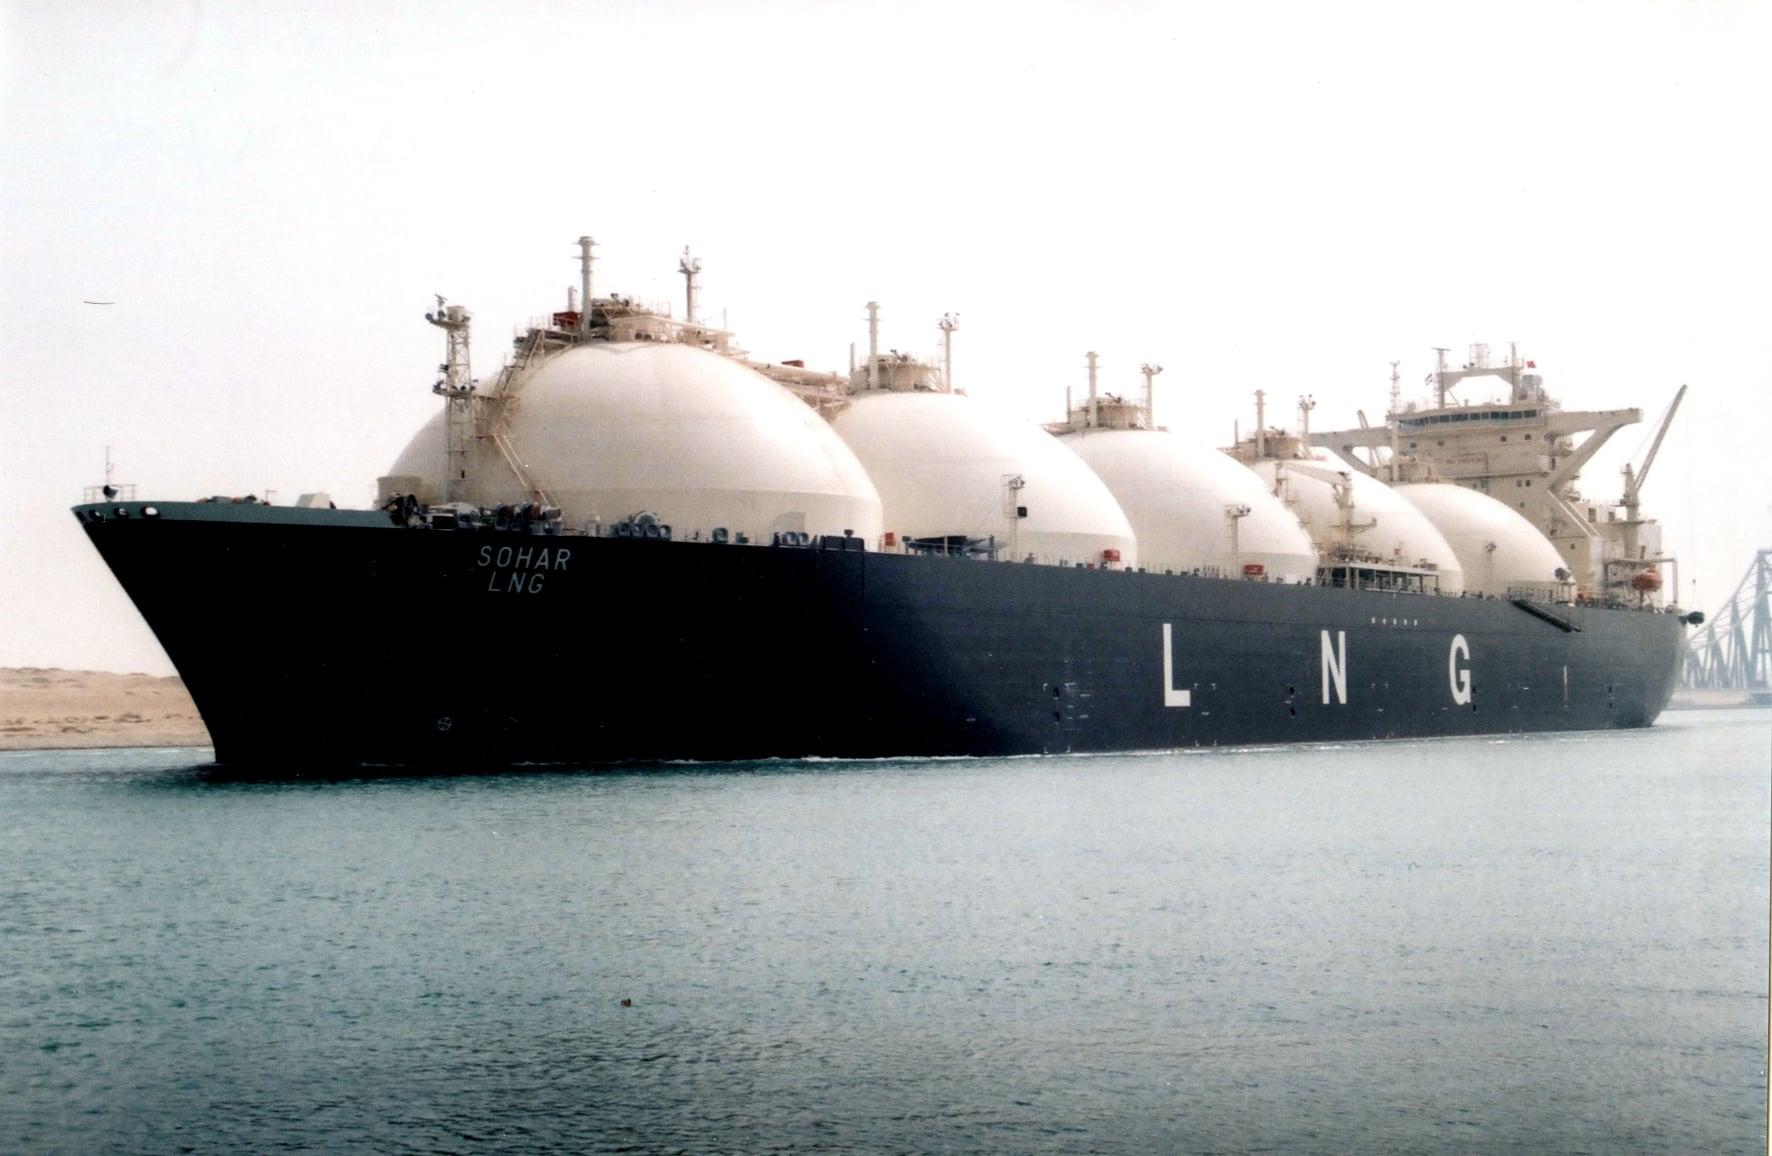 منظمة عالمية: قناة السويس الخيار الأول لناقلات الغاز الأمريكي إلى الشرق الأقصى